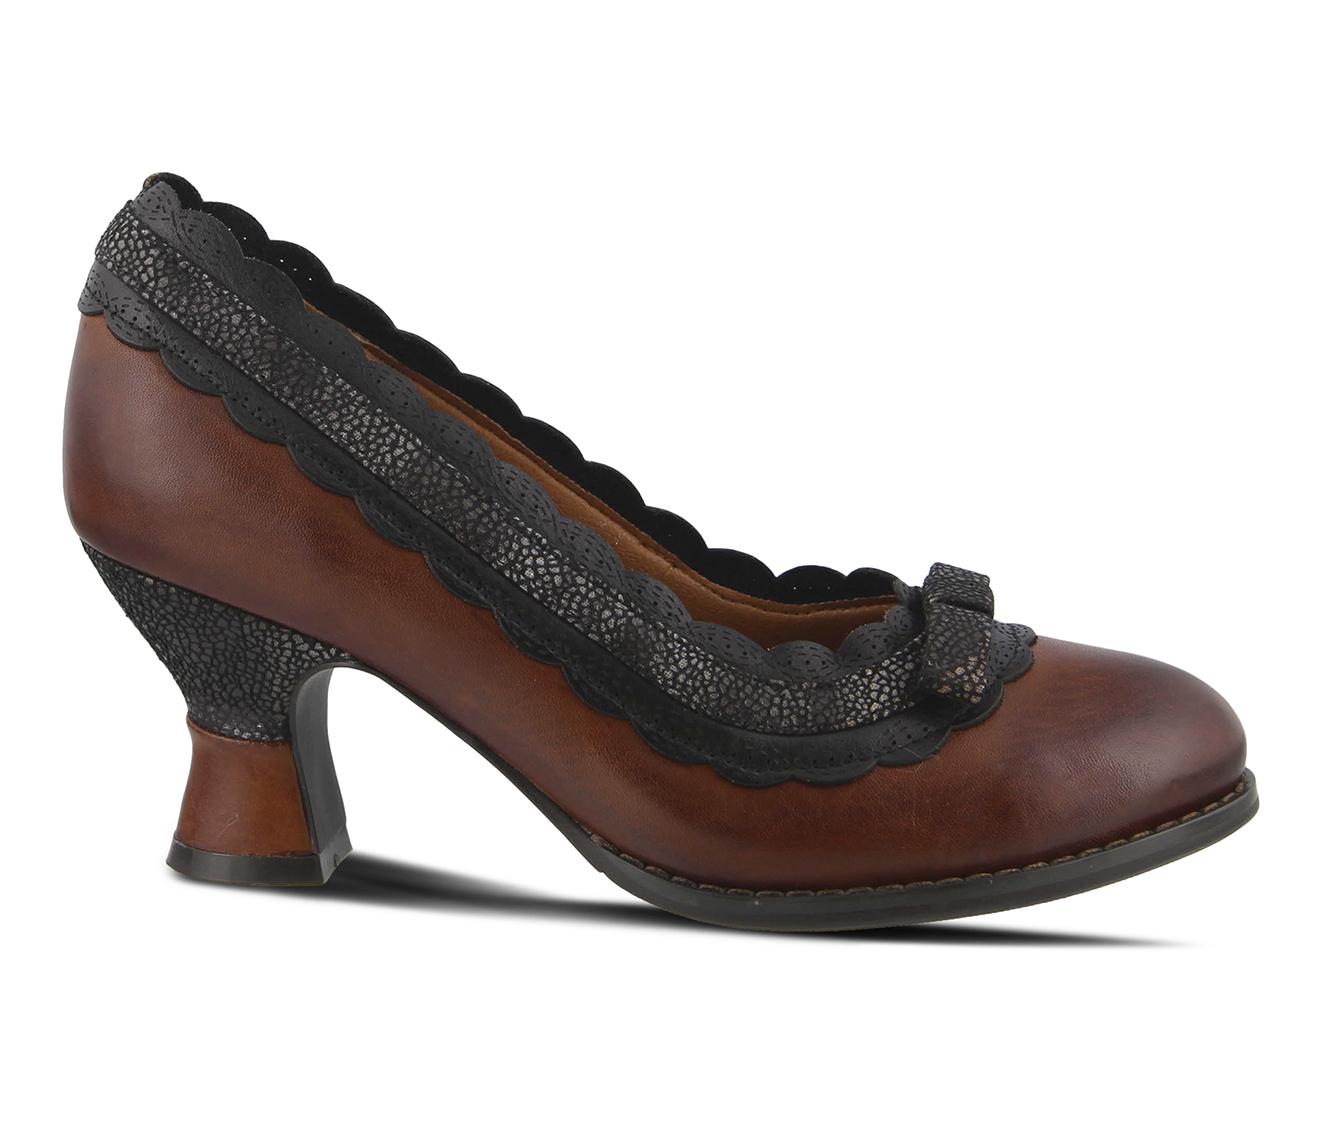 L'Artiste Kirstie Women's Dress Shoe (Brown Leather)